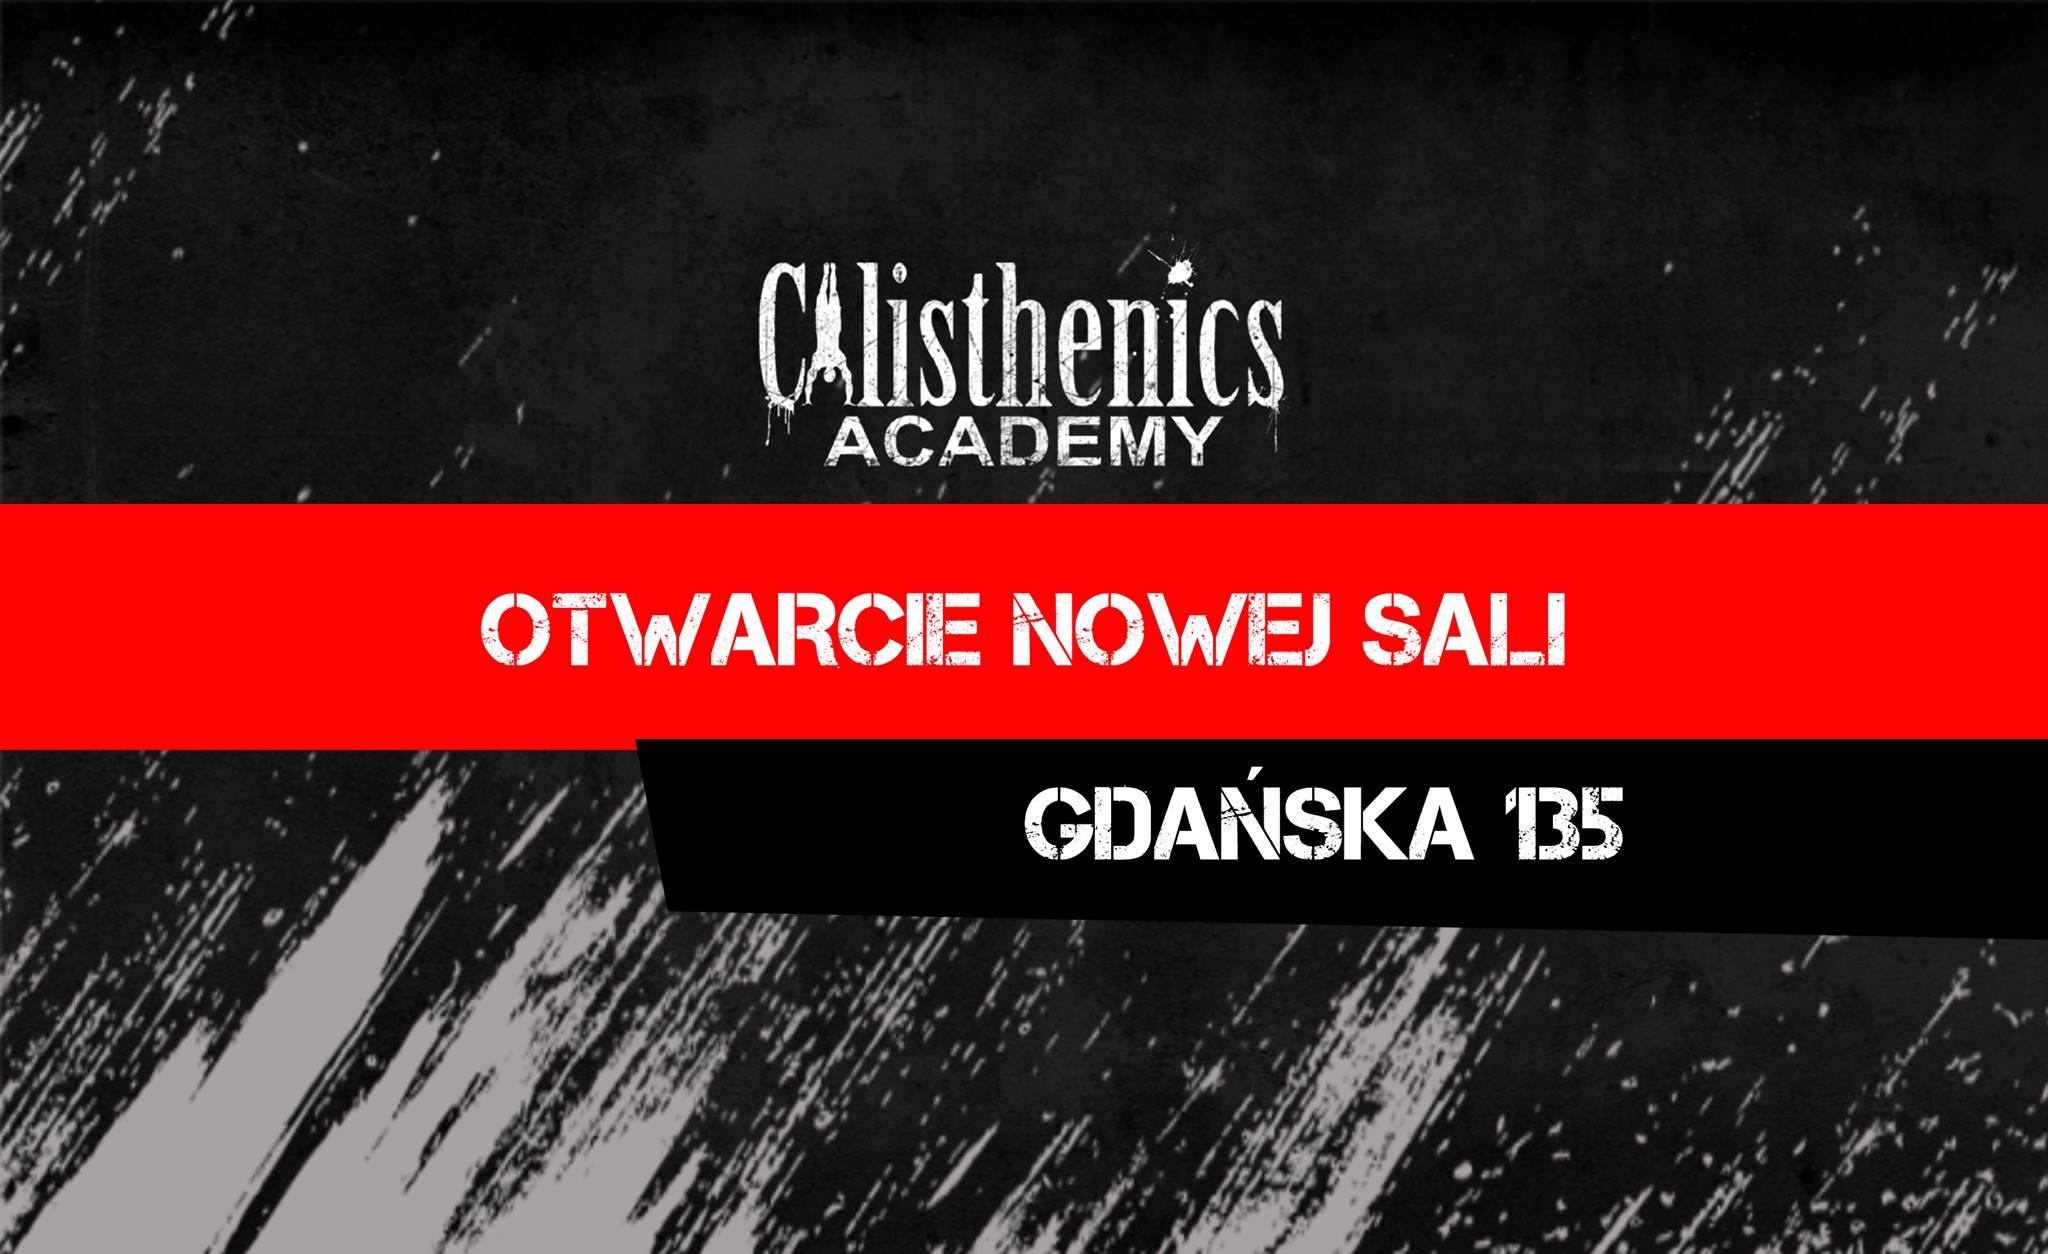 Otwarcie 3 sali Calisthenics Academy!